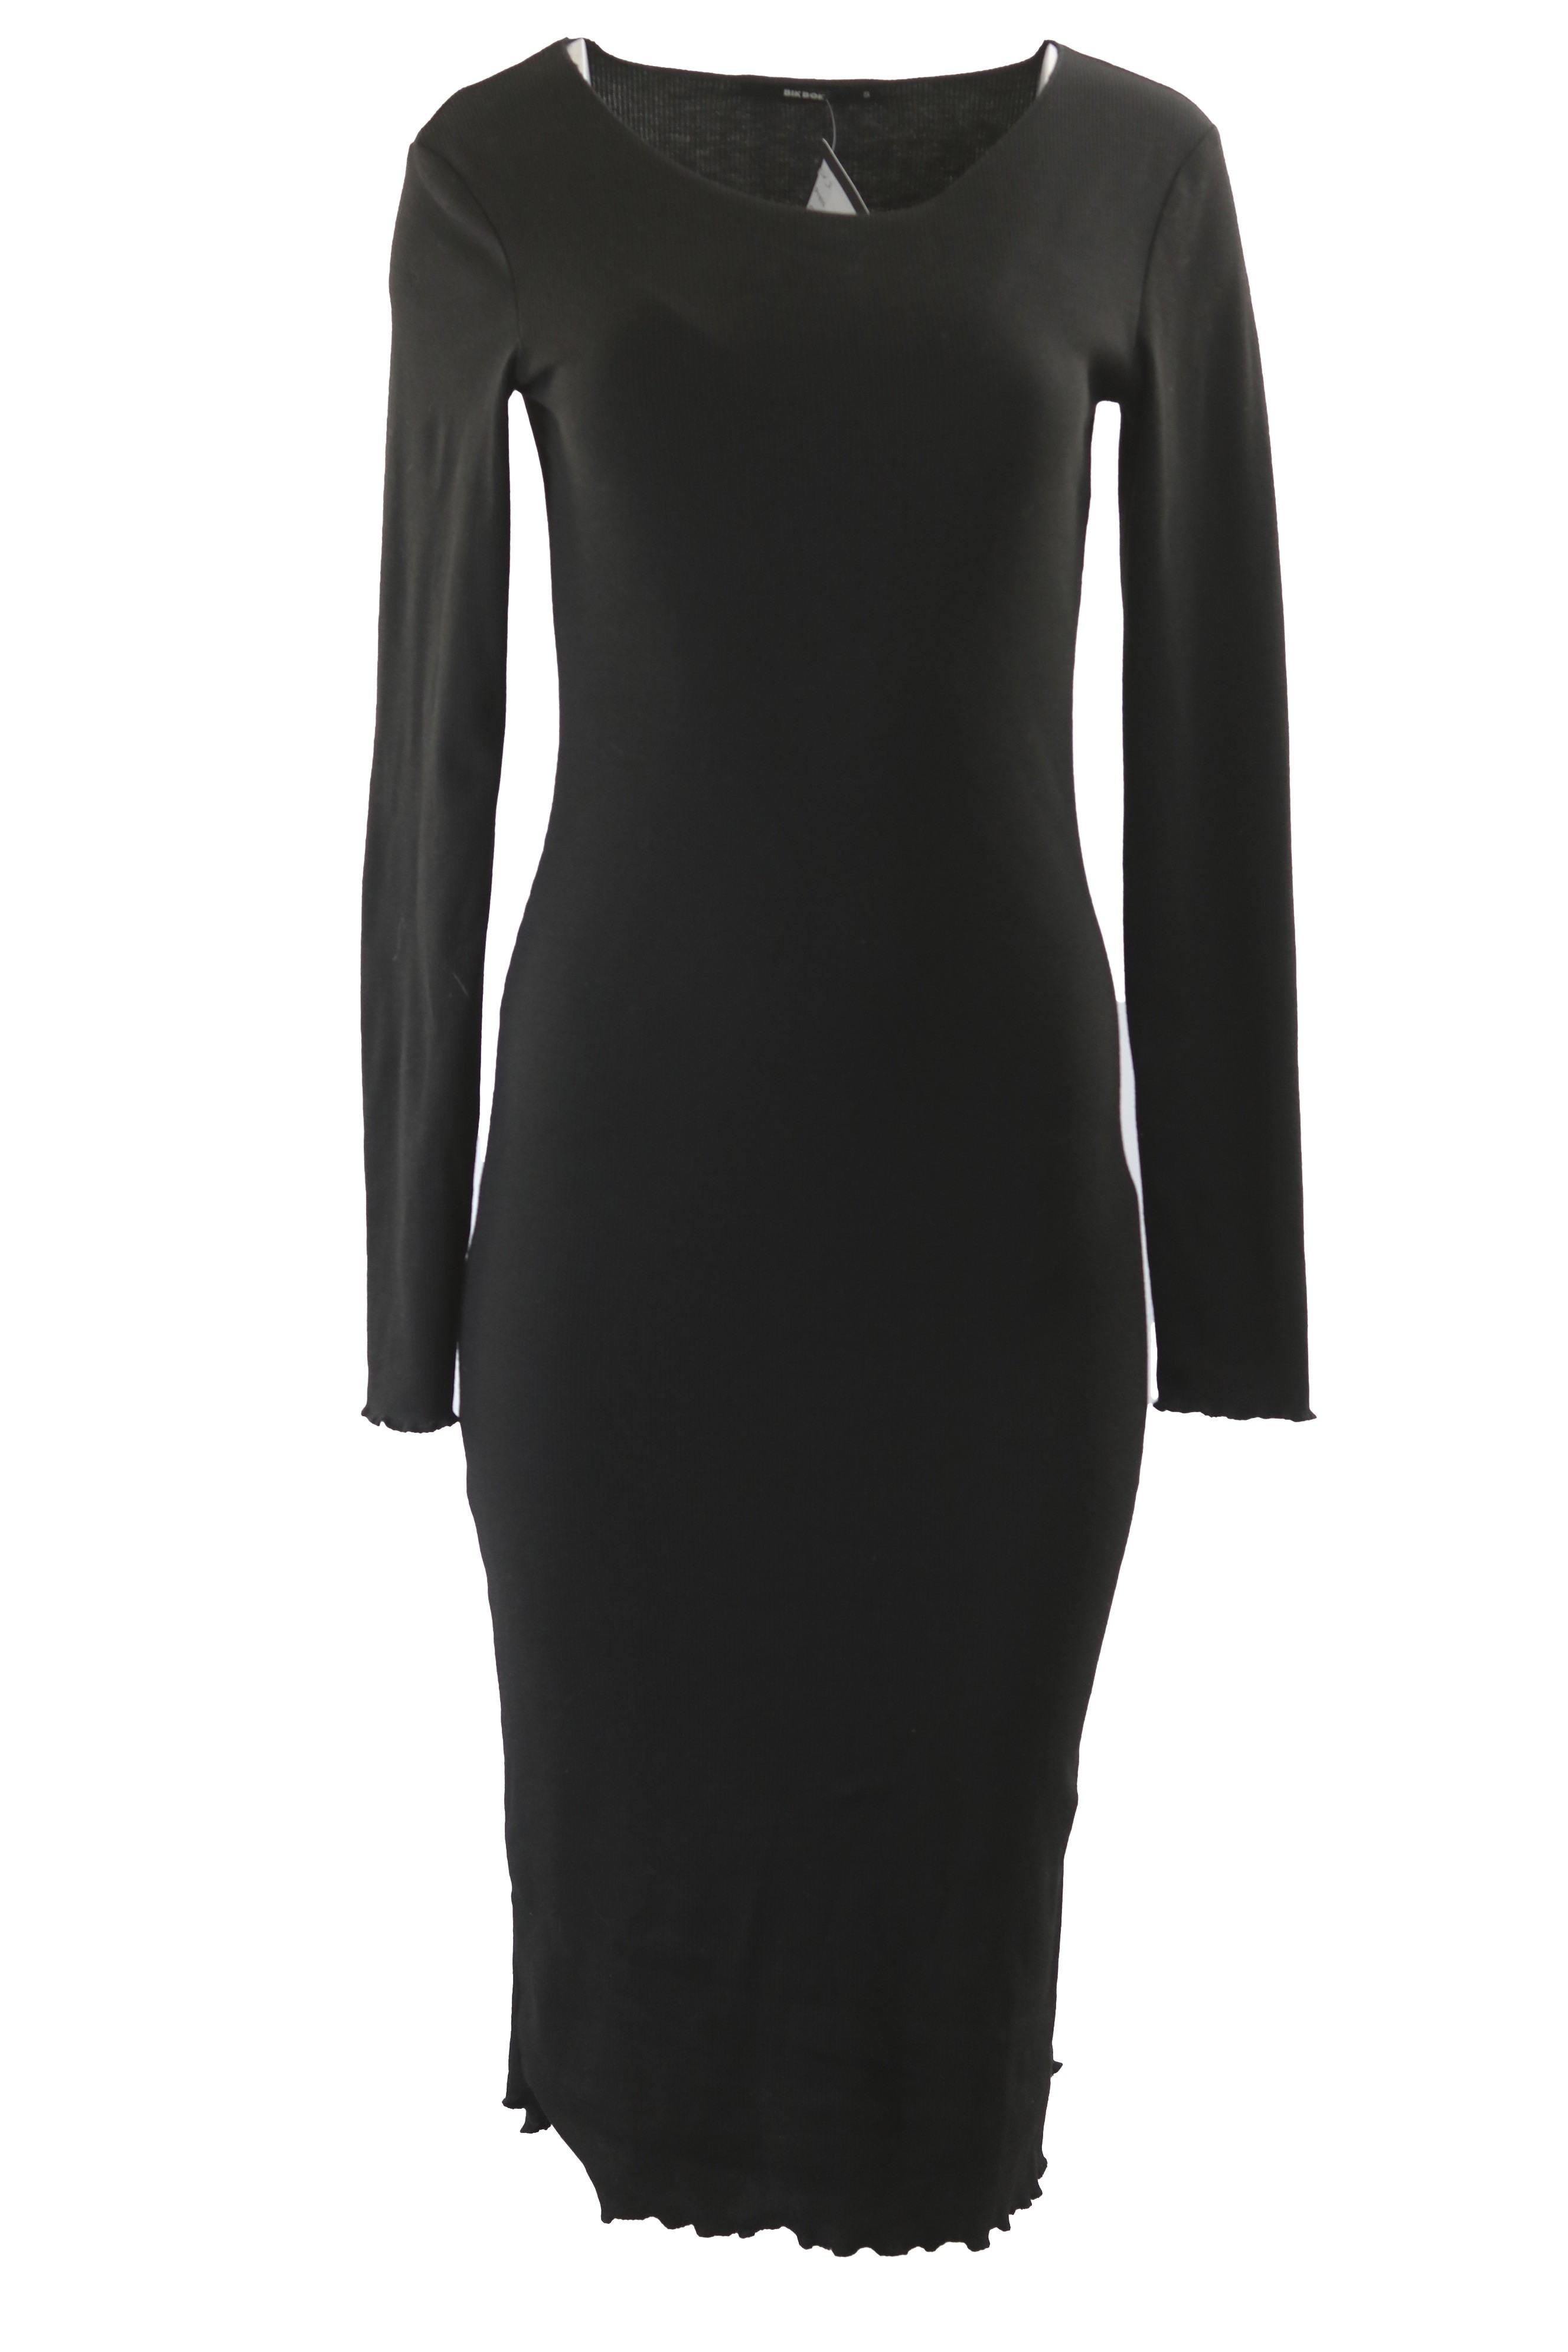 10 Ausgezeichnet Kleid Schwarz Langarm Stylish17 Top Kleid Schwarz Langarm Vertrieb